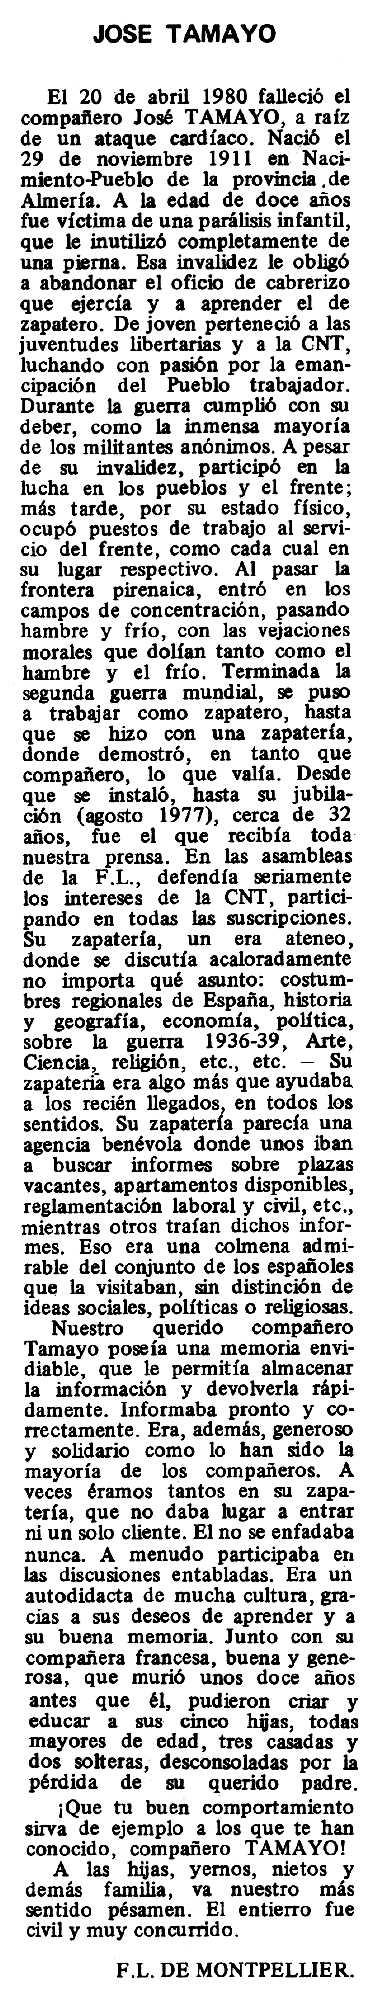 """Necrològica de José Tamayo apareguda en el periòdic tolosà """"Espoir"""" del 2 de novembre de 1980"""